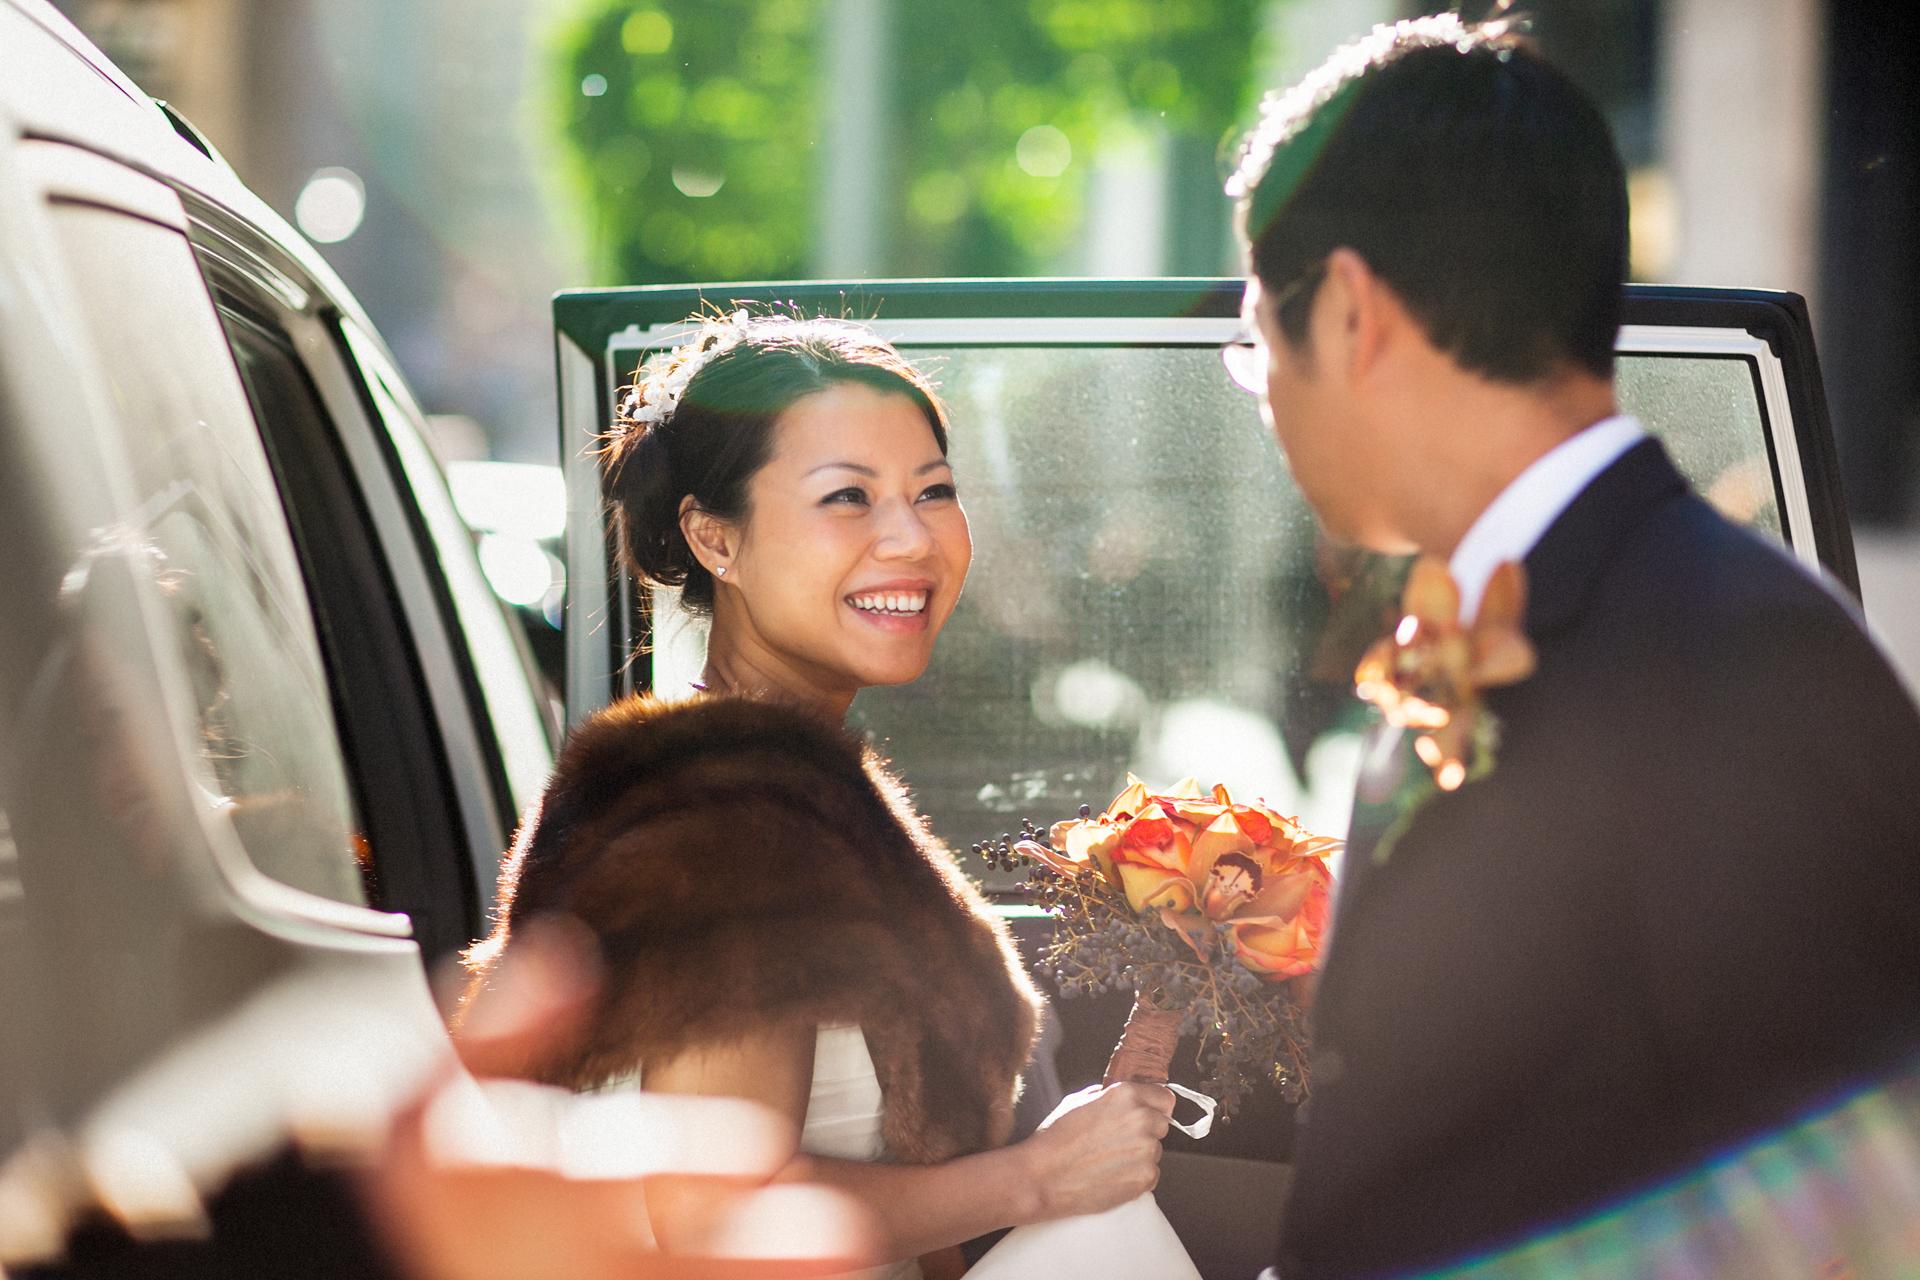 Heirats- und Verpflichtungszeremonie Fotografie im SF City Hall | Der Bräutigam kann seine Braut nicht aus den Augen lassen